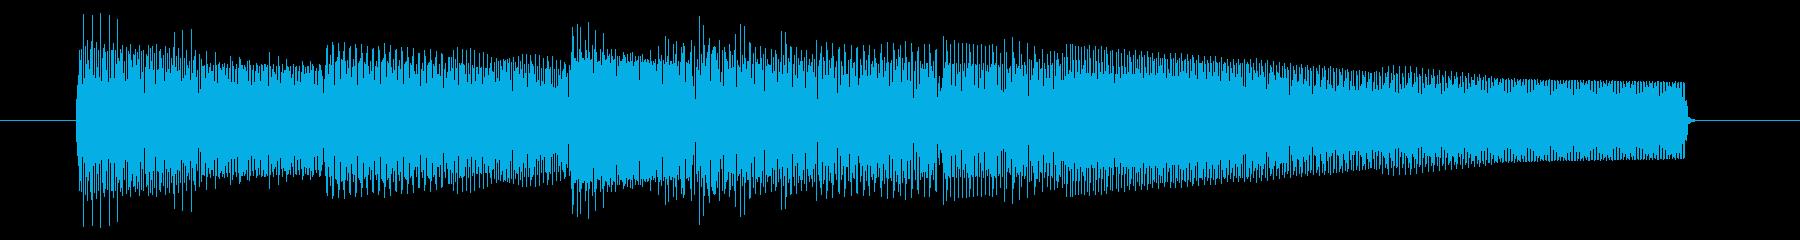 NES 汎用 B03-2(クリア2)の再生済みの波形